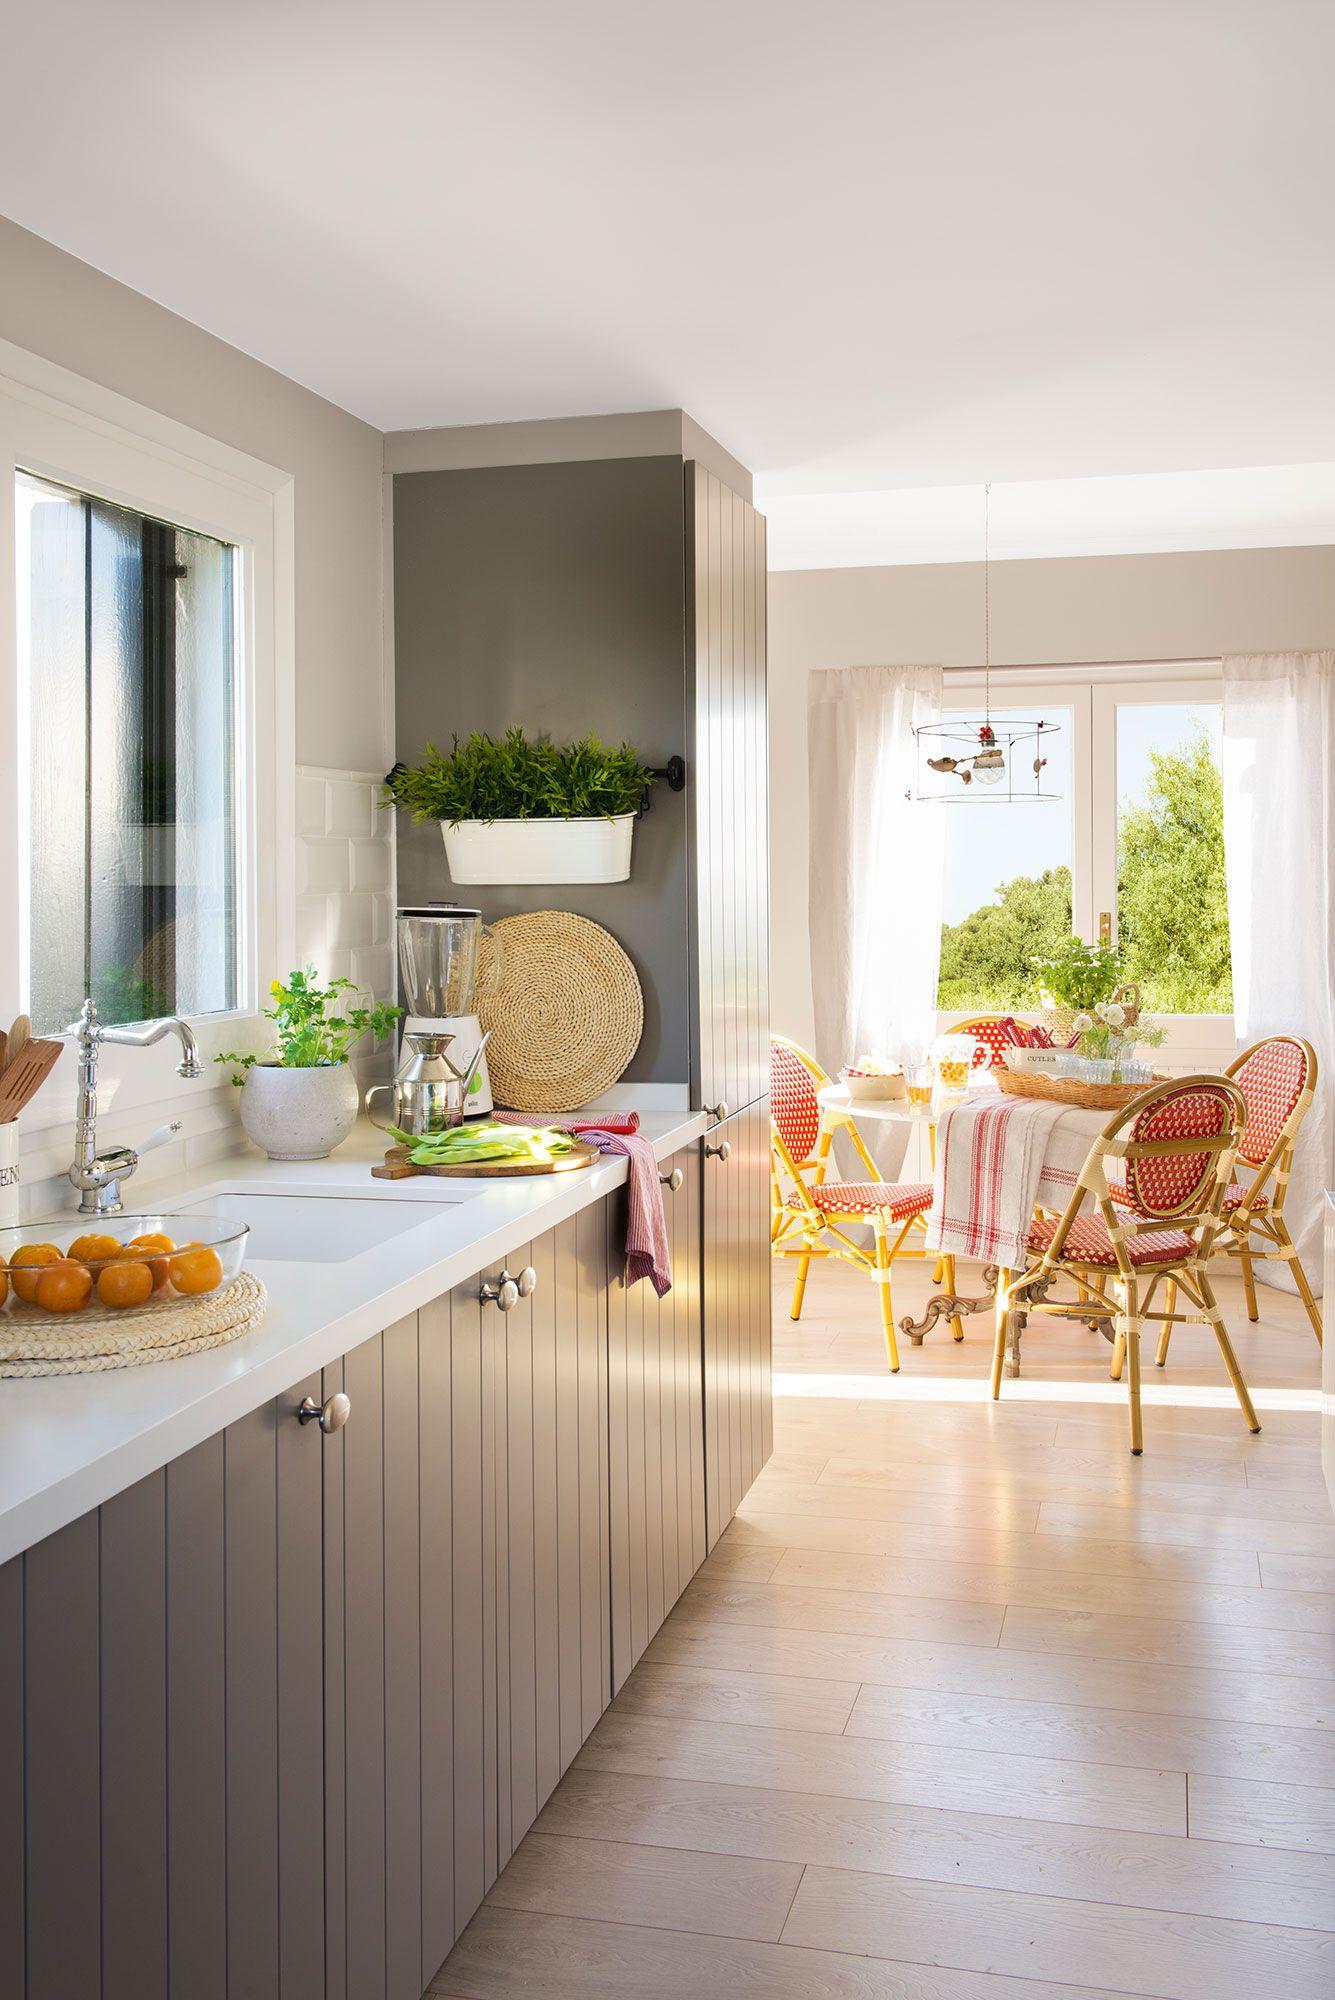 Cocina con mobiliario marrón abierta al office | Pinterest | Cocinas ...